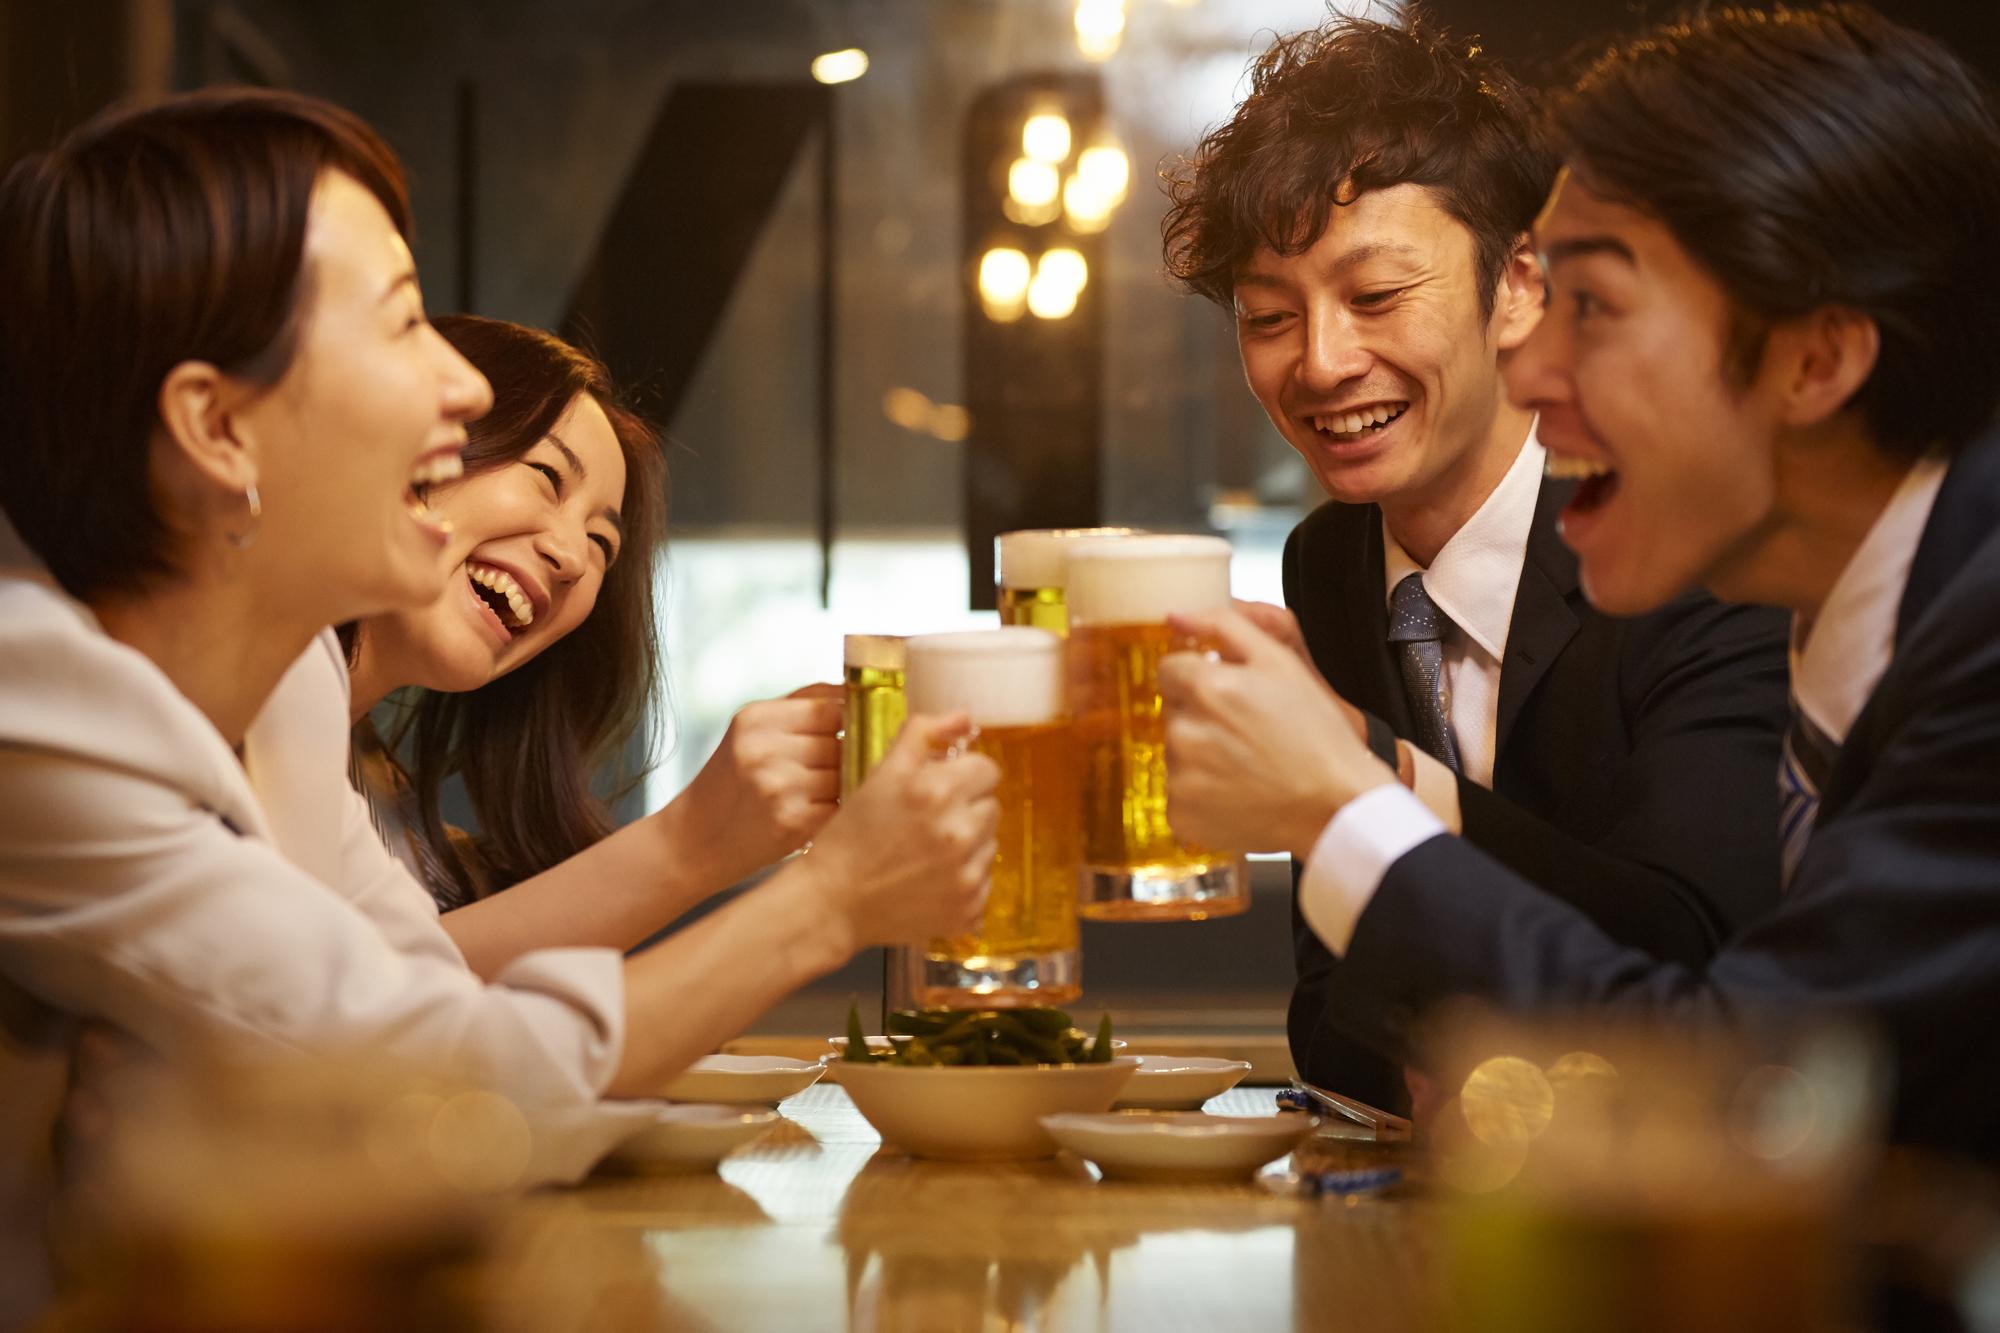 ビールを片手に談笑する人たち